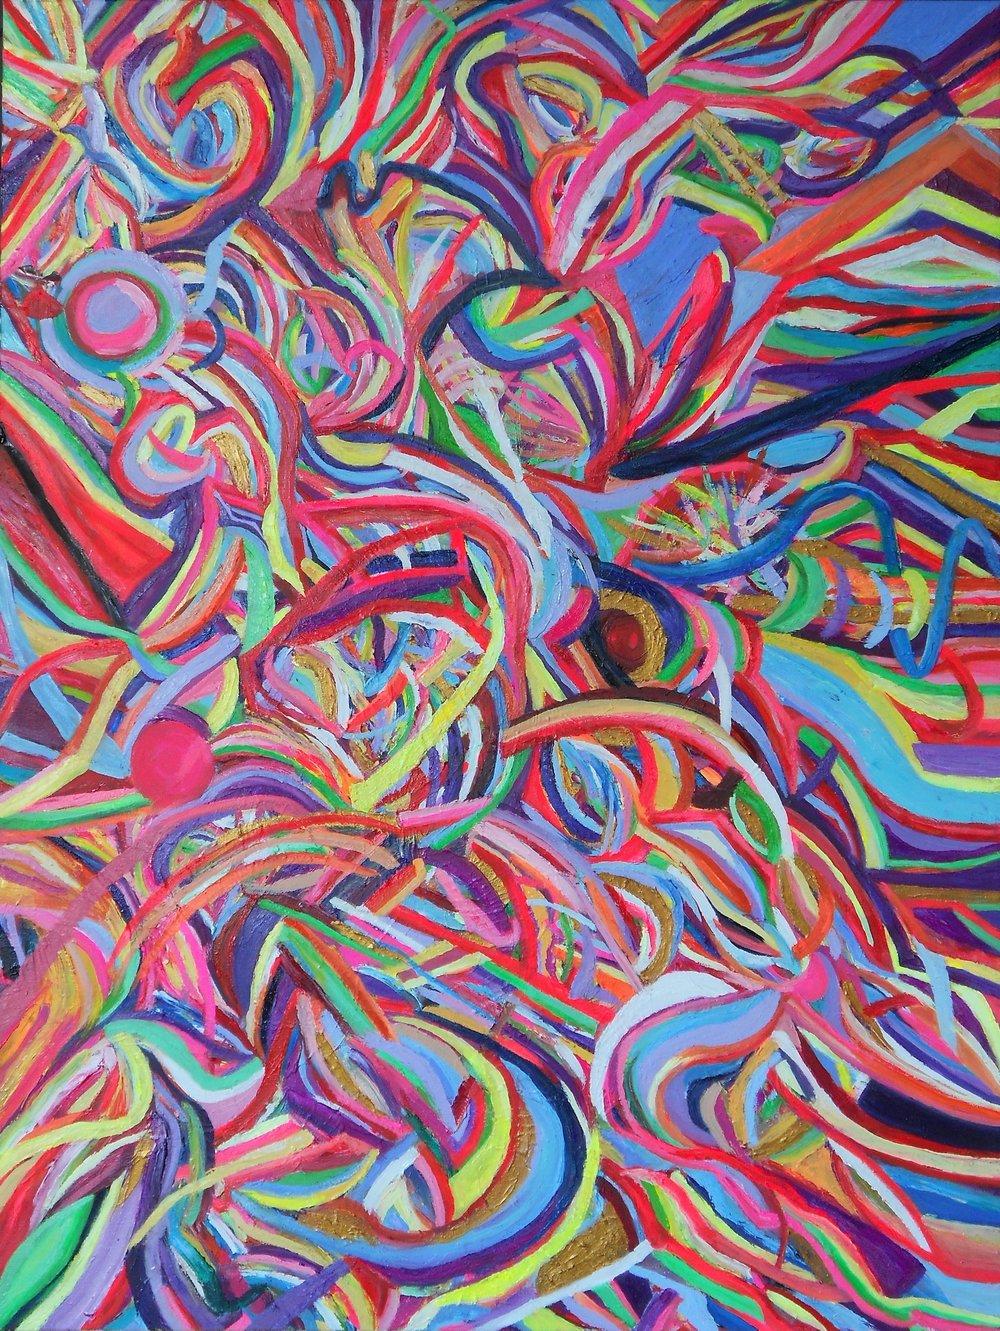 03.%22August Colors, Sun%22 48%22x36%22 oil on canvas, 2013.JPG